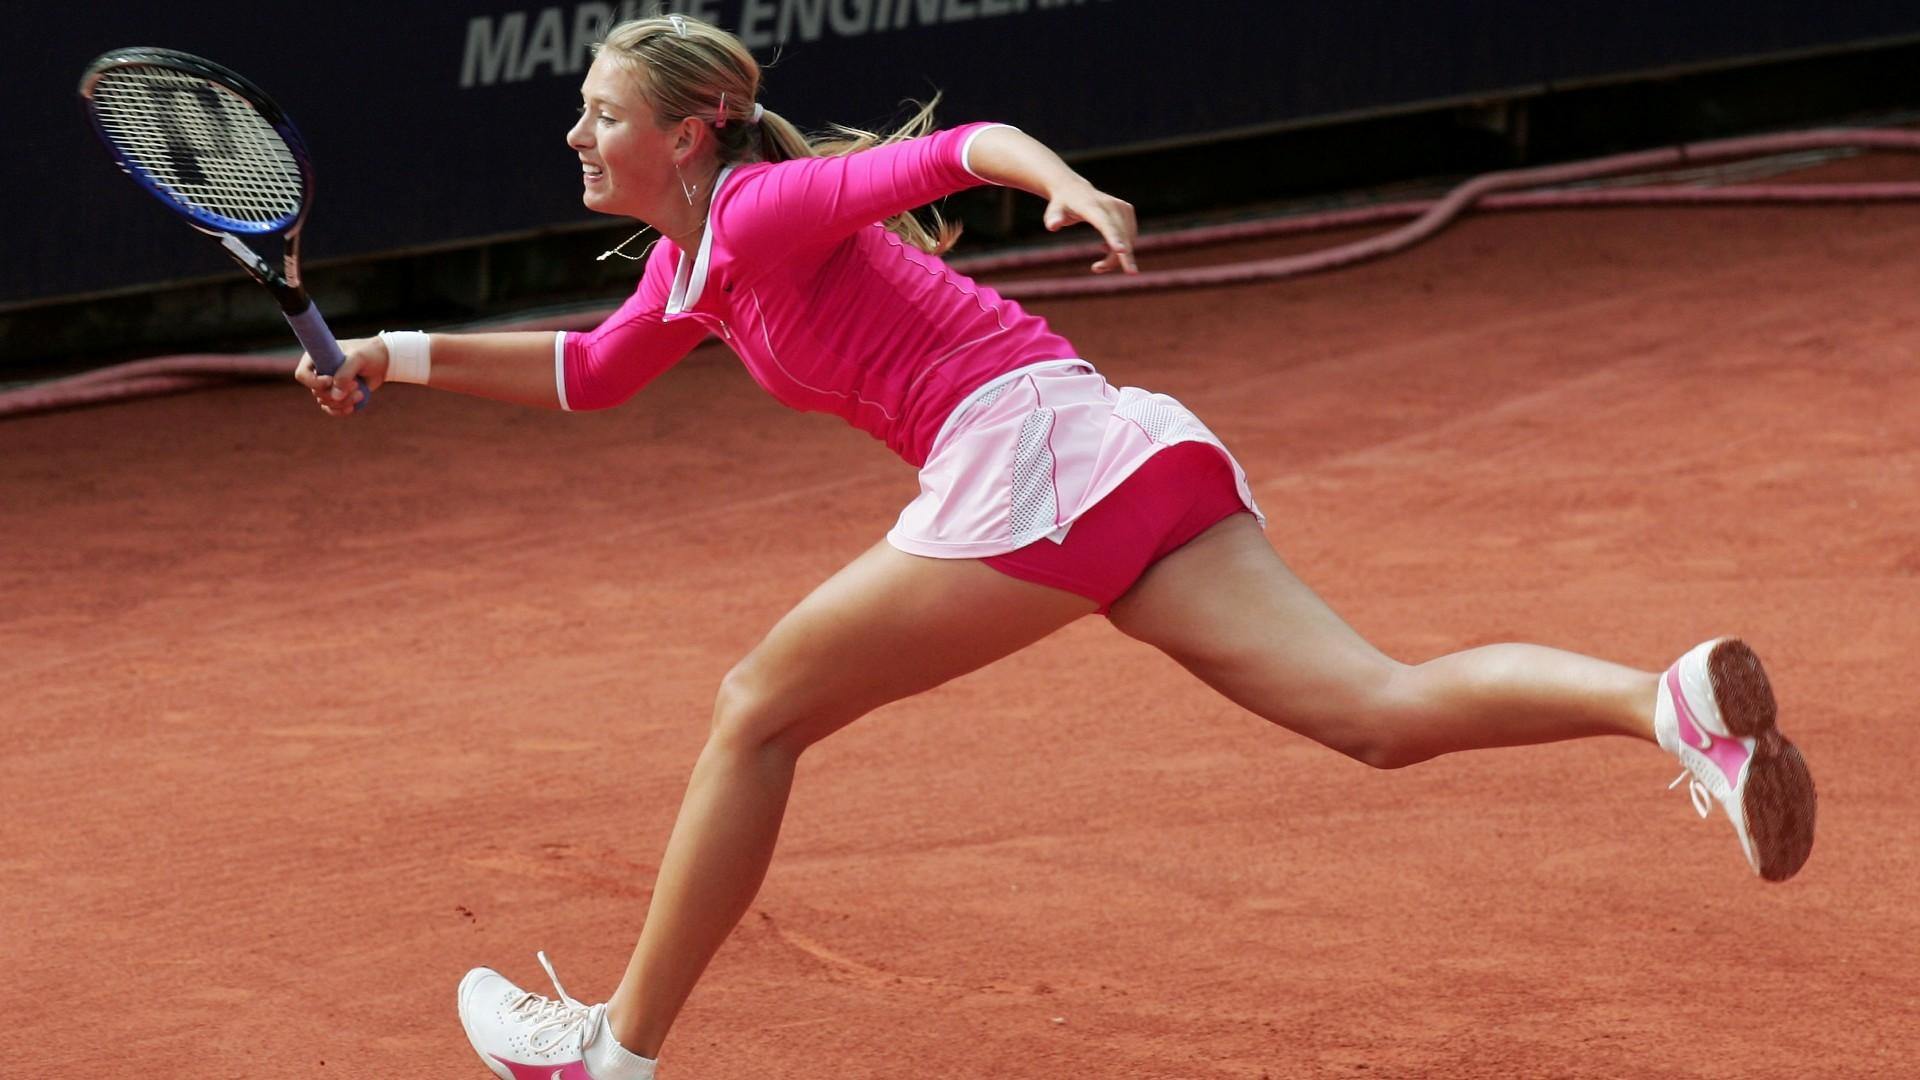 Обои ракетка, Мария шарапова, мяч. Спорт foto 8